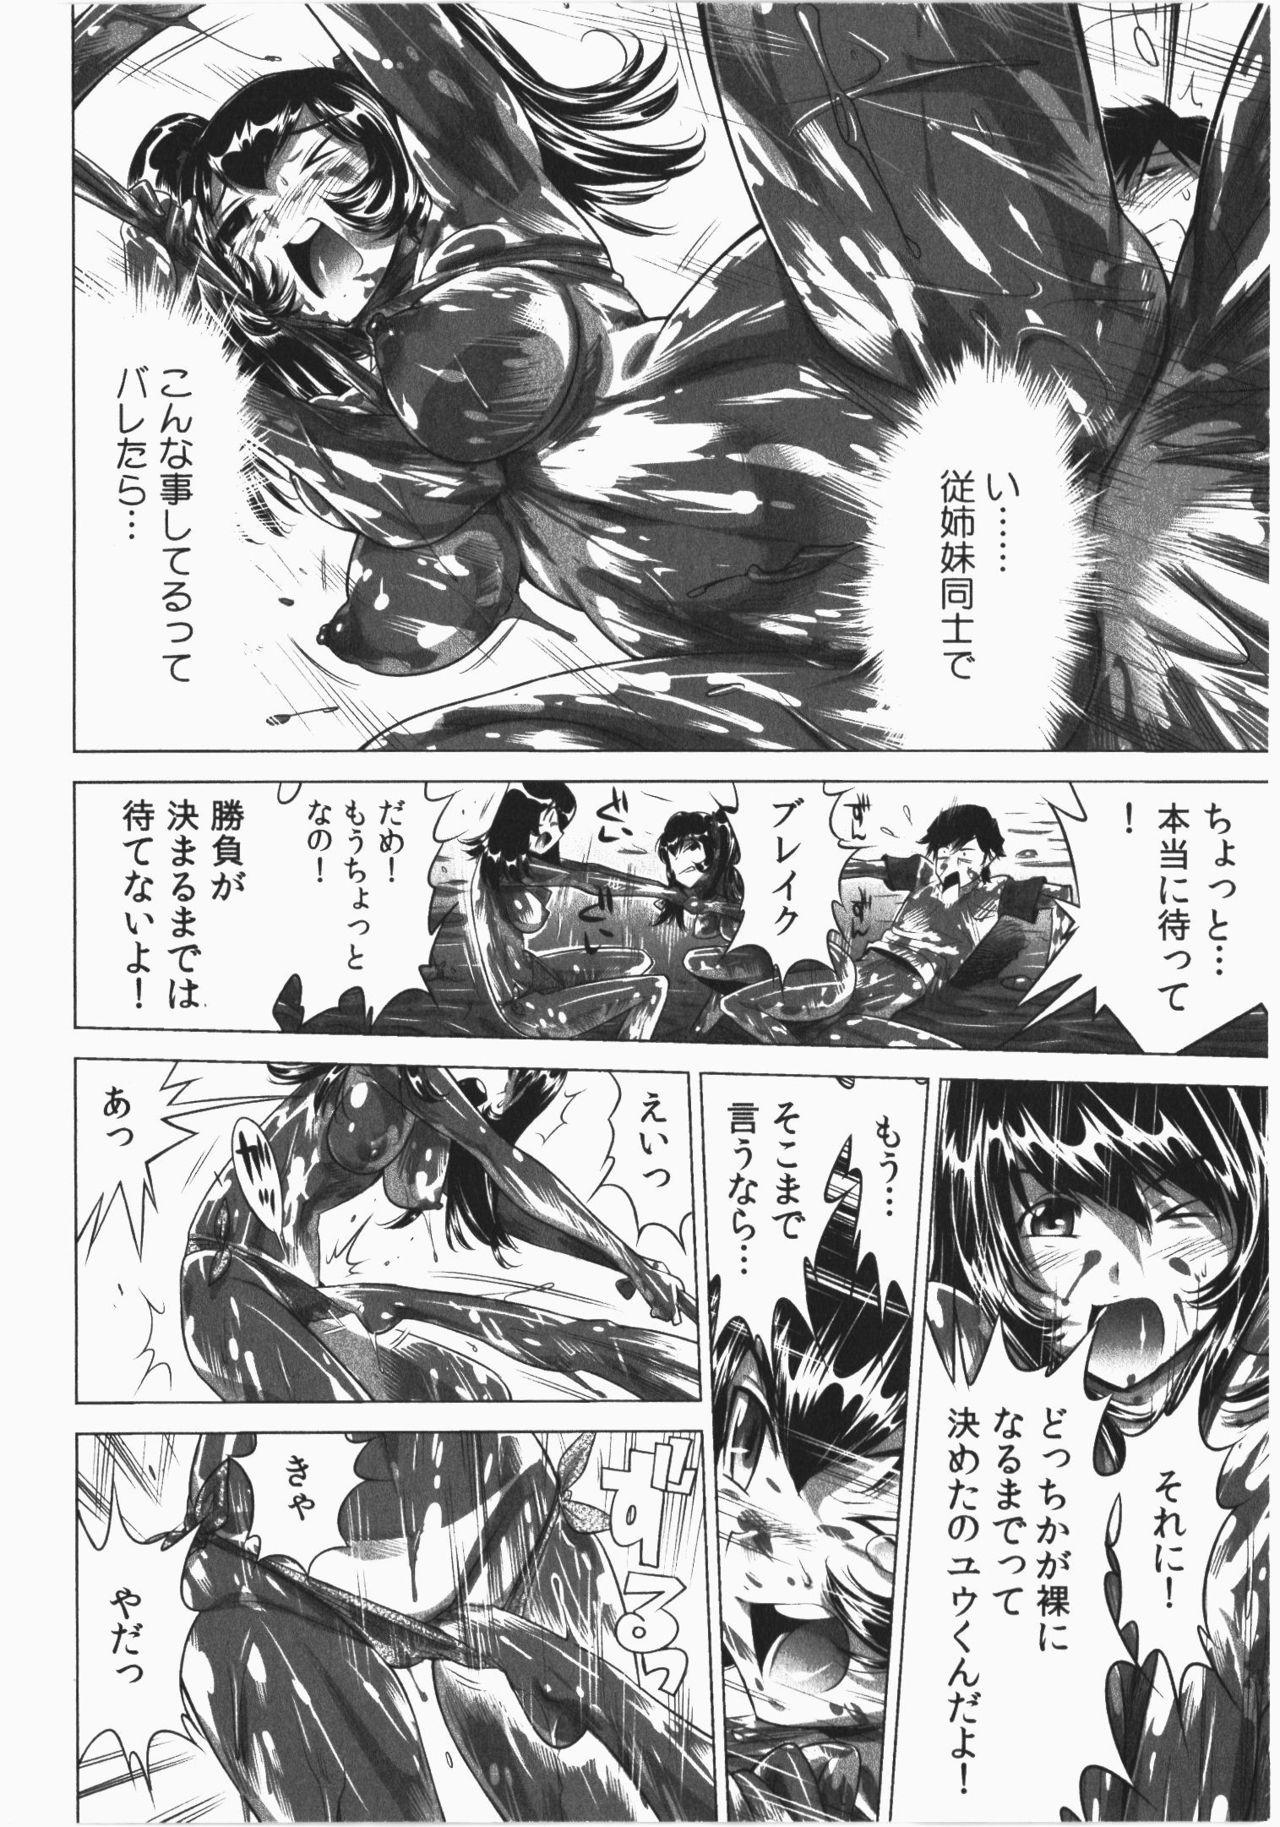 Ukkari Haicchatta! Itoko to Micchaku Game Chuu 177